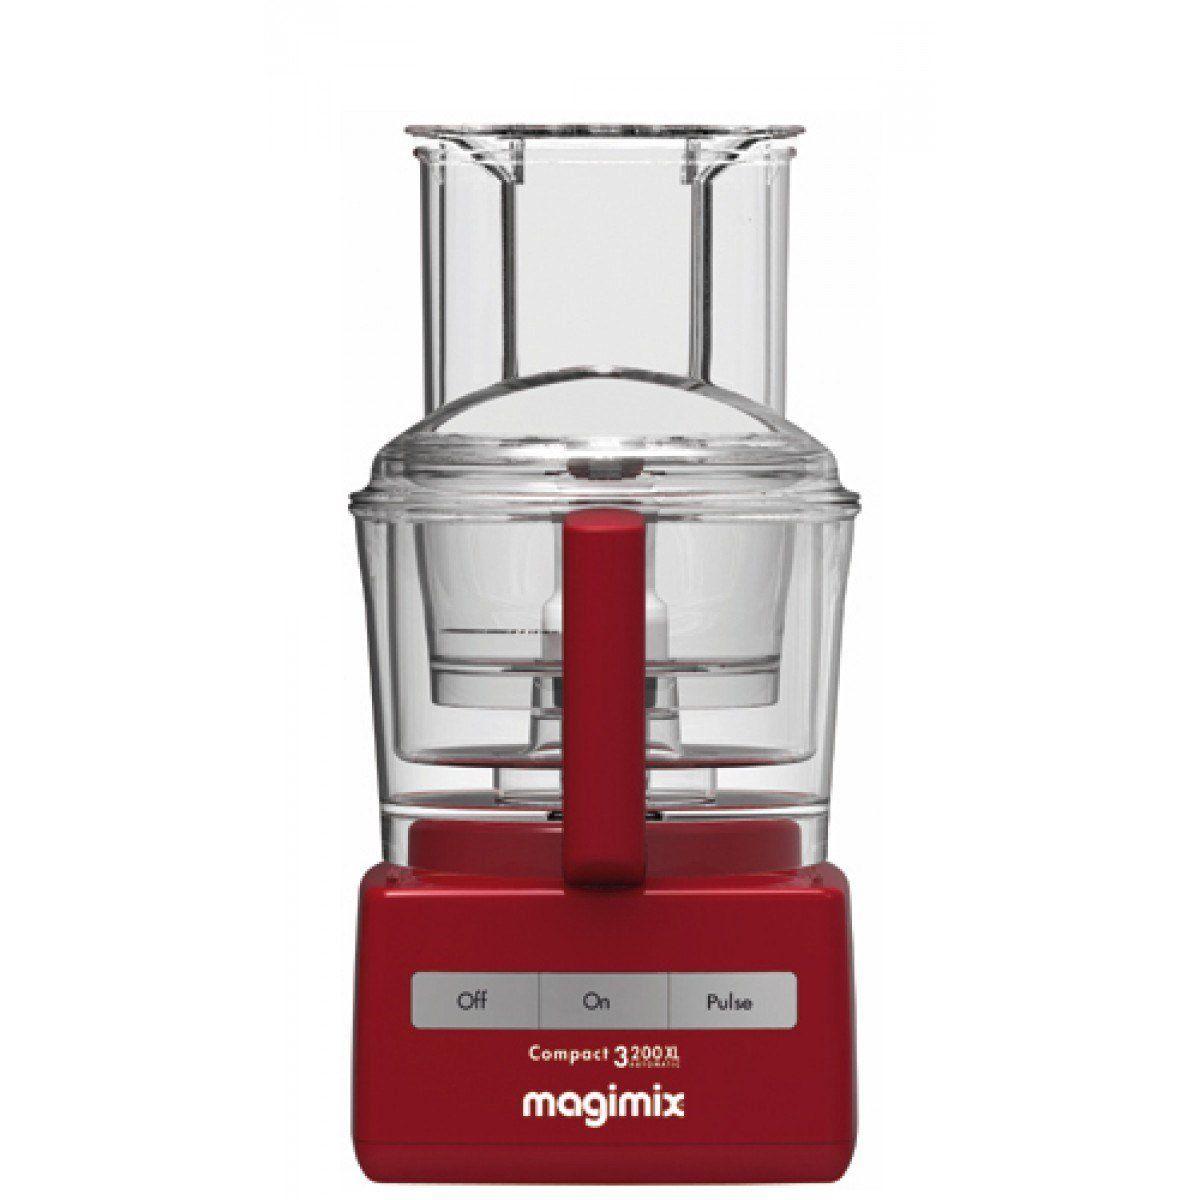 Magimix 3200 Xl Robot De Cocina Rojo Exprimidor Incluido 85319ea Amazon Es Hogar Robot De Cocina Cocina Roja Exprimidores